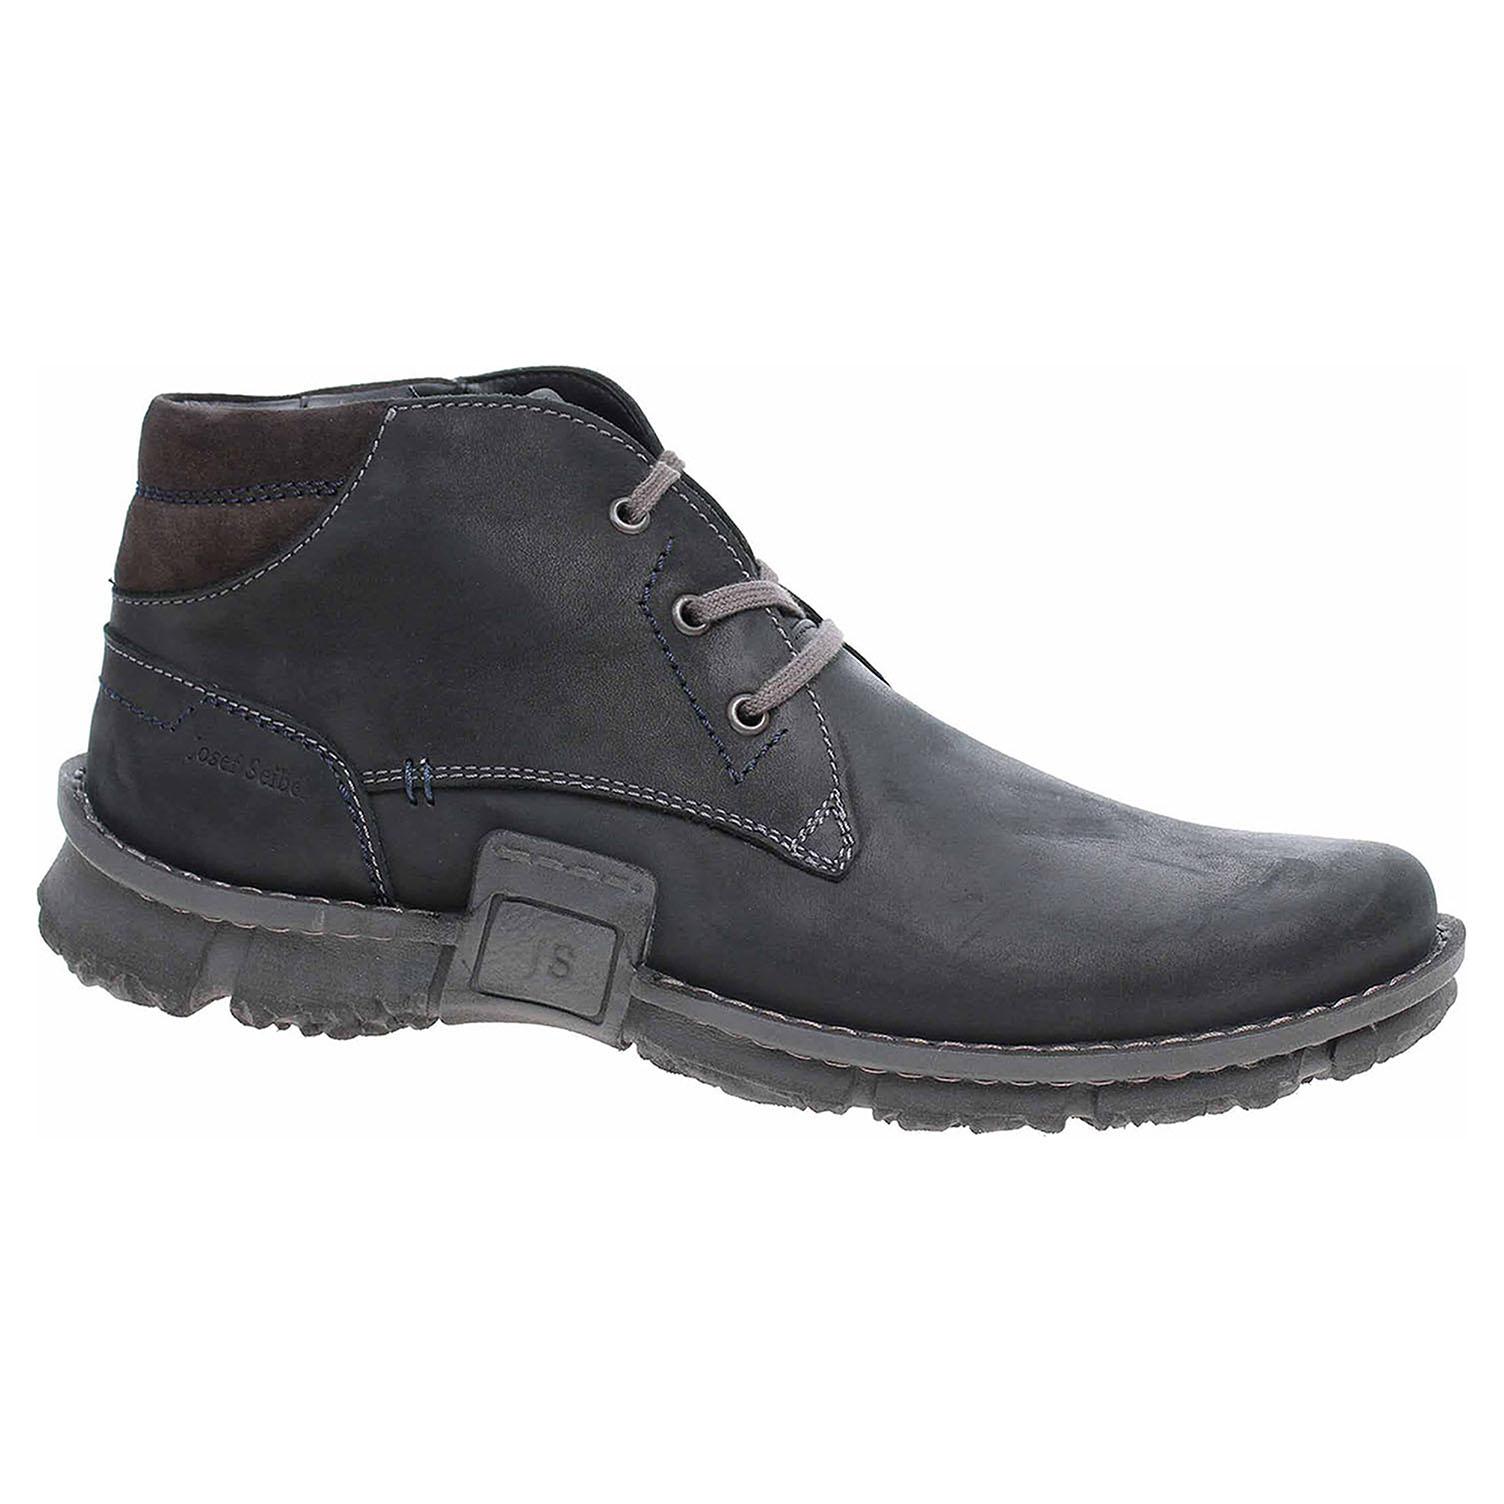 Pánská kotníková obuv Josef Seibel 14147 MA994101 schwarz-kombi 14147 MA994101 46